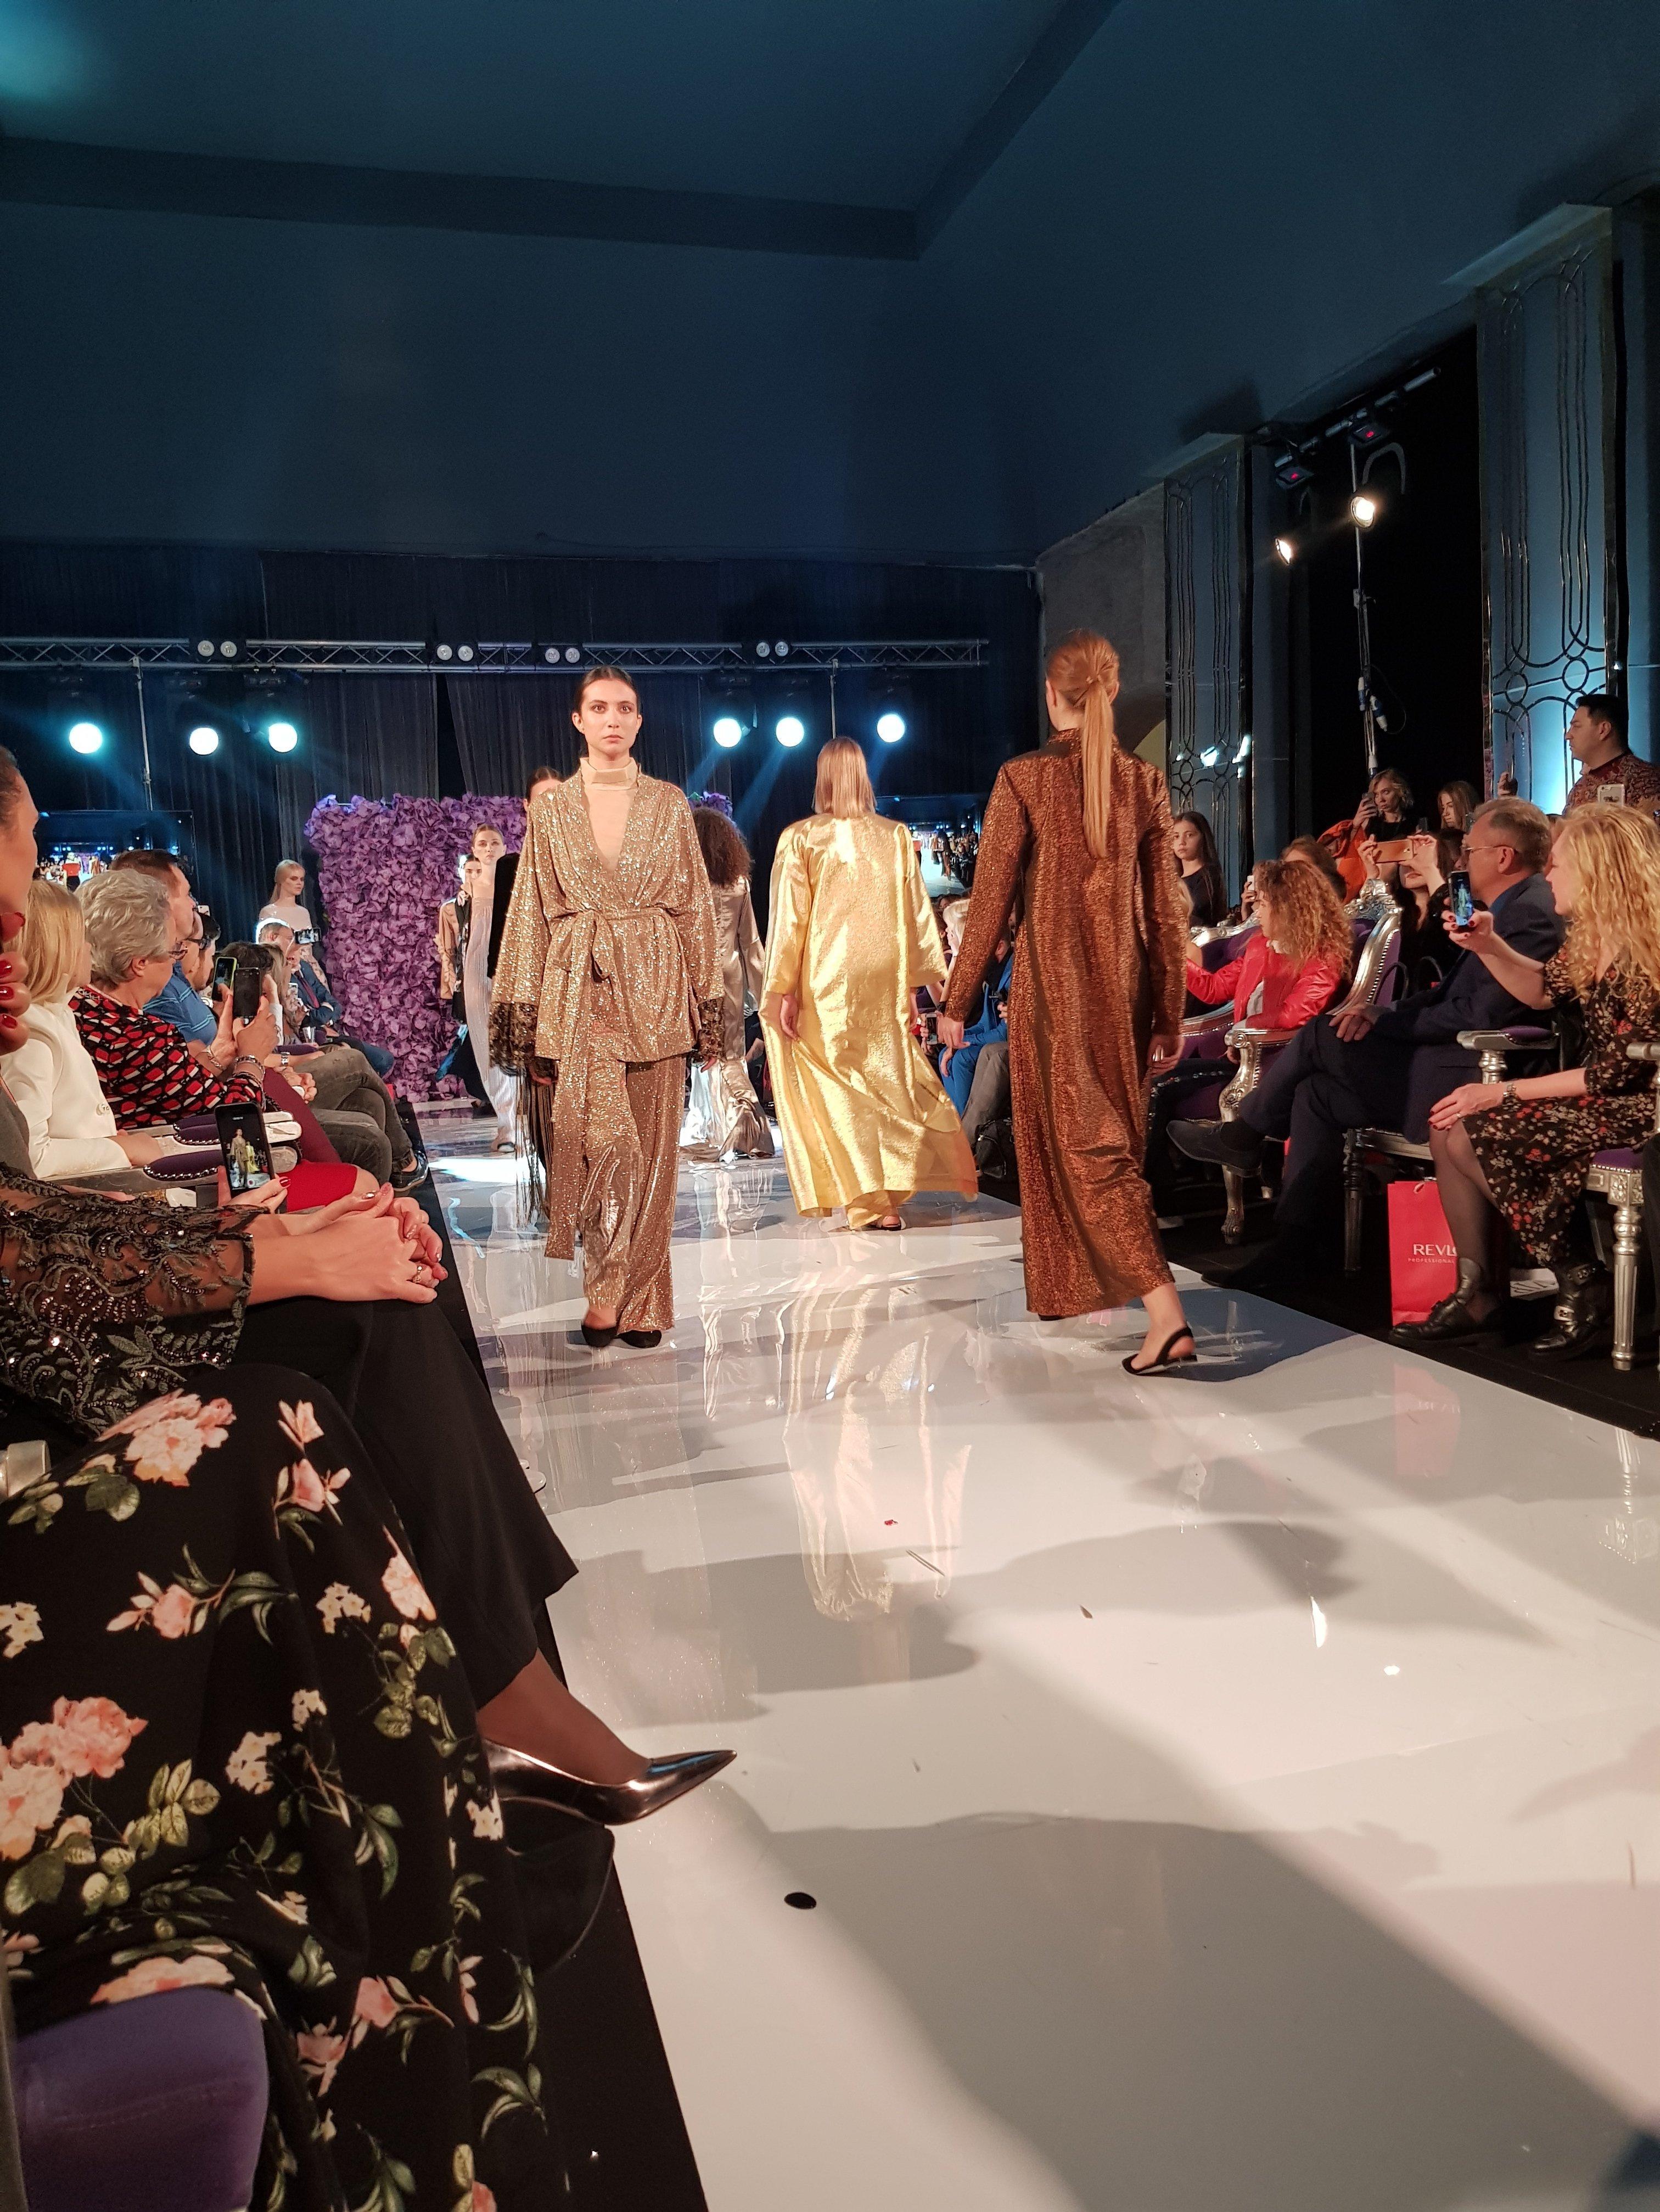 مجموعة من أزياء المصممة الروسية، أناستازيا رايكوفا ، في ملتقى أيام الأزياء العربية في موسكو